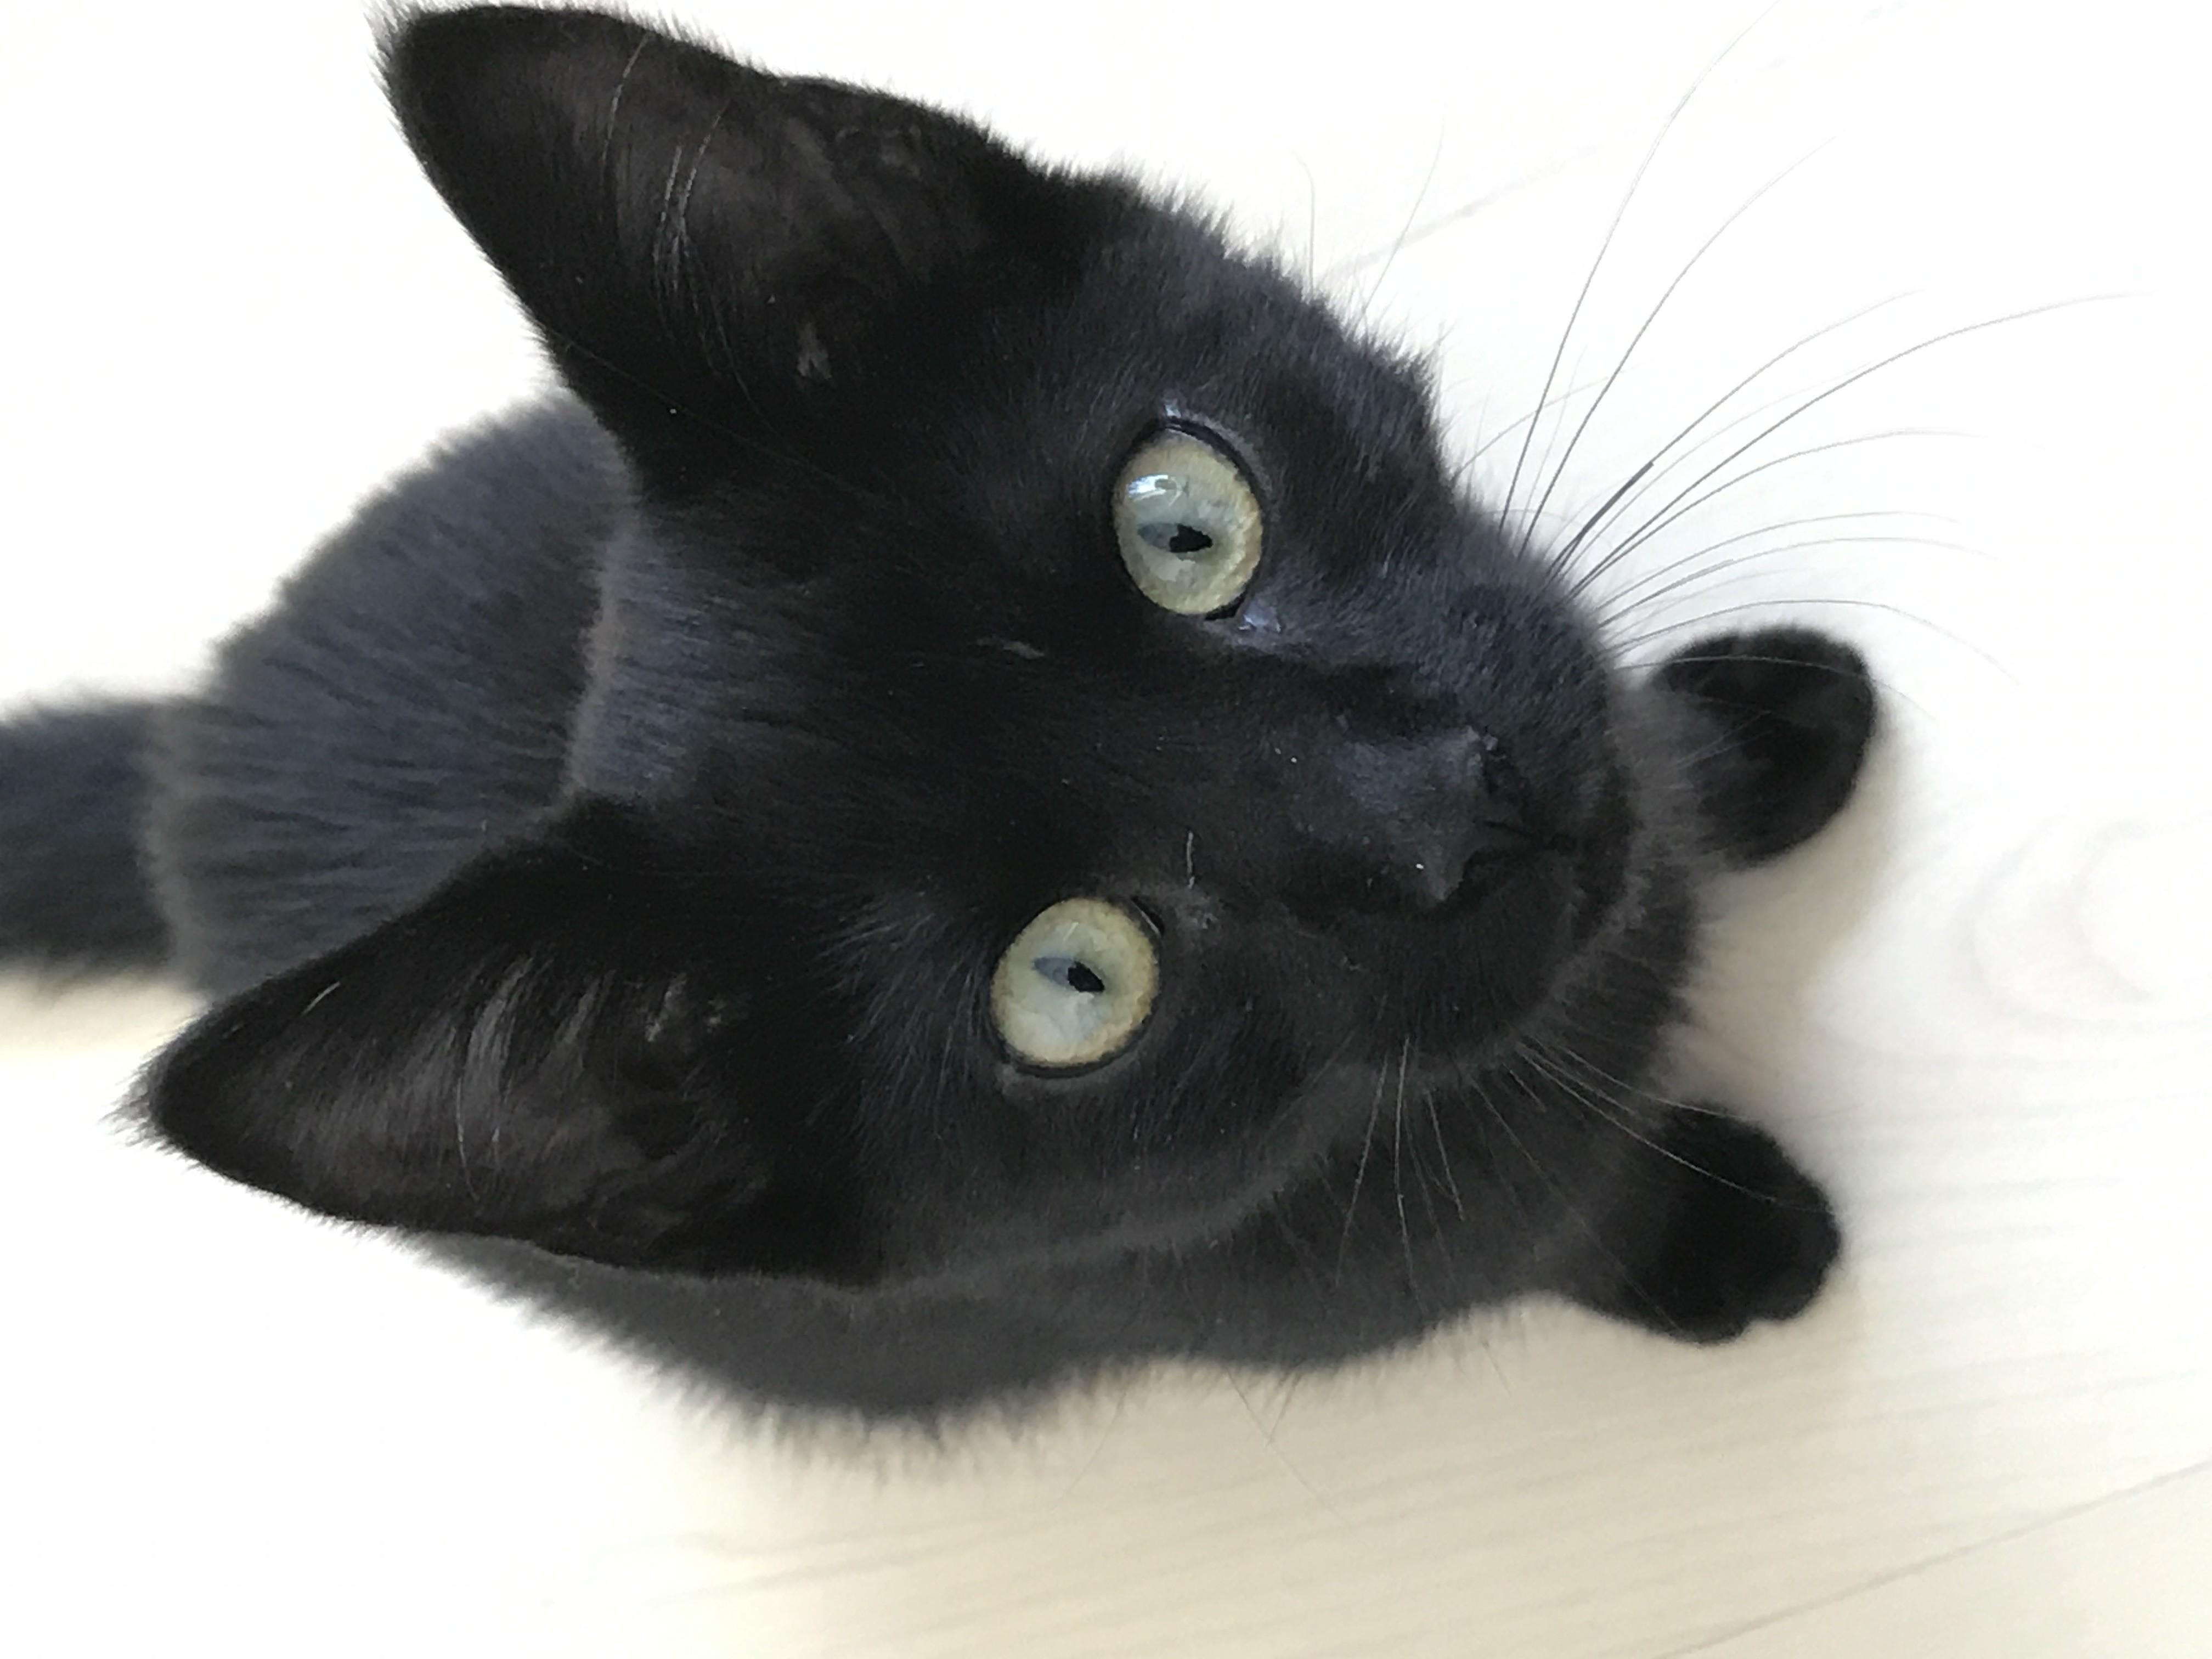 site de rencontre sérieux chat en ligne gratuit entlebuch